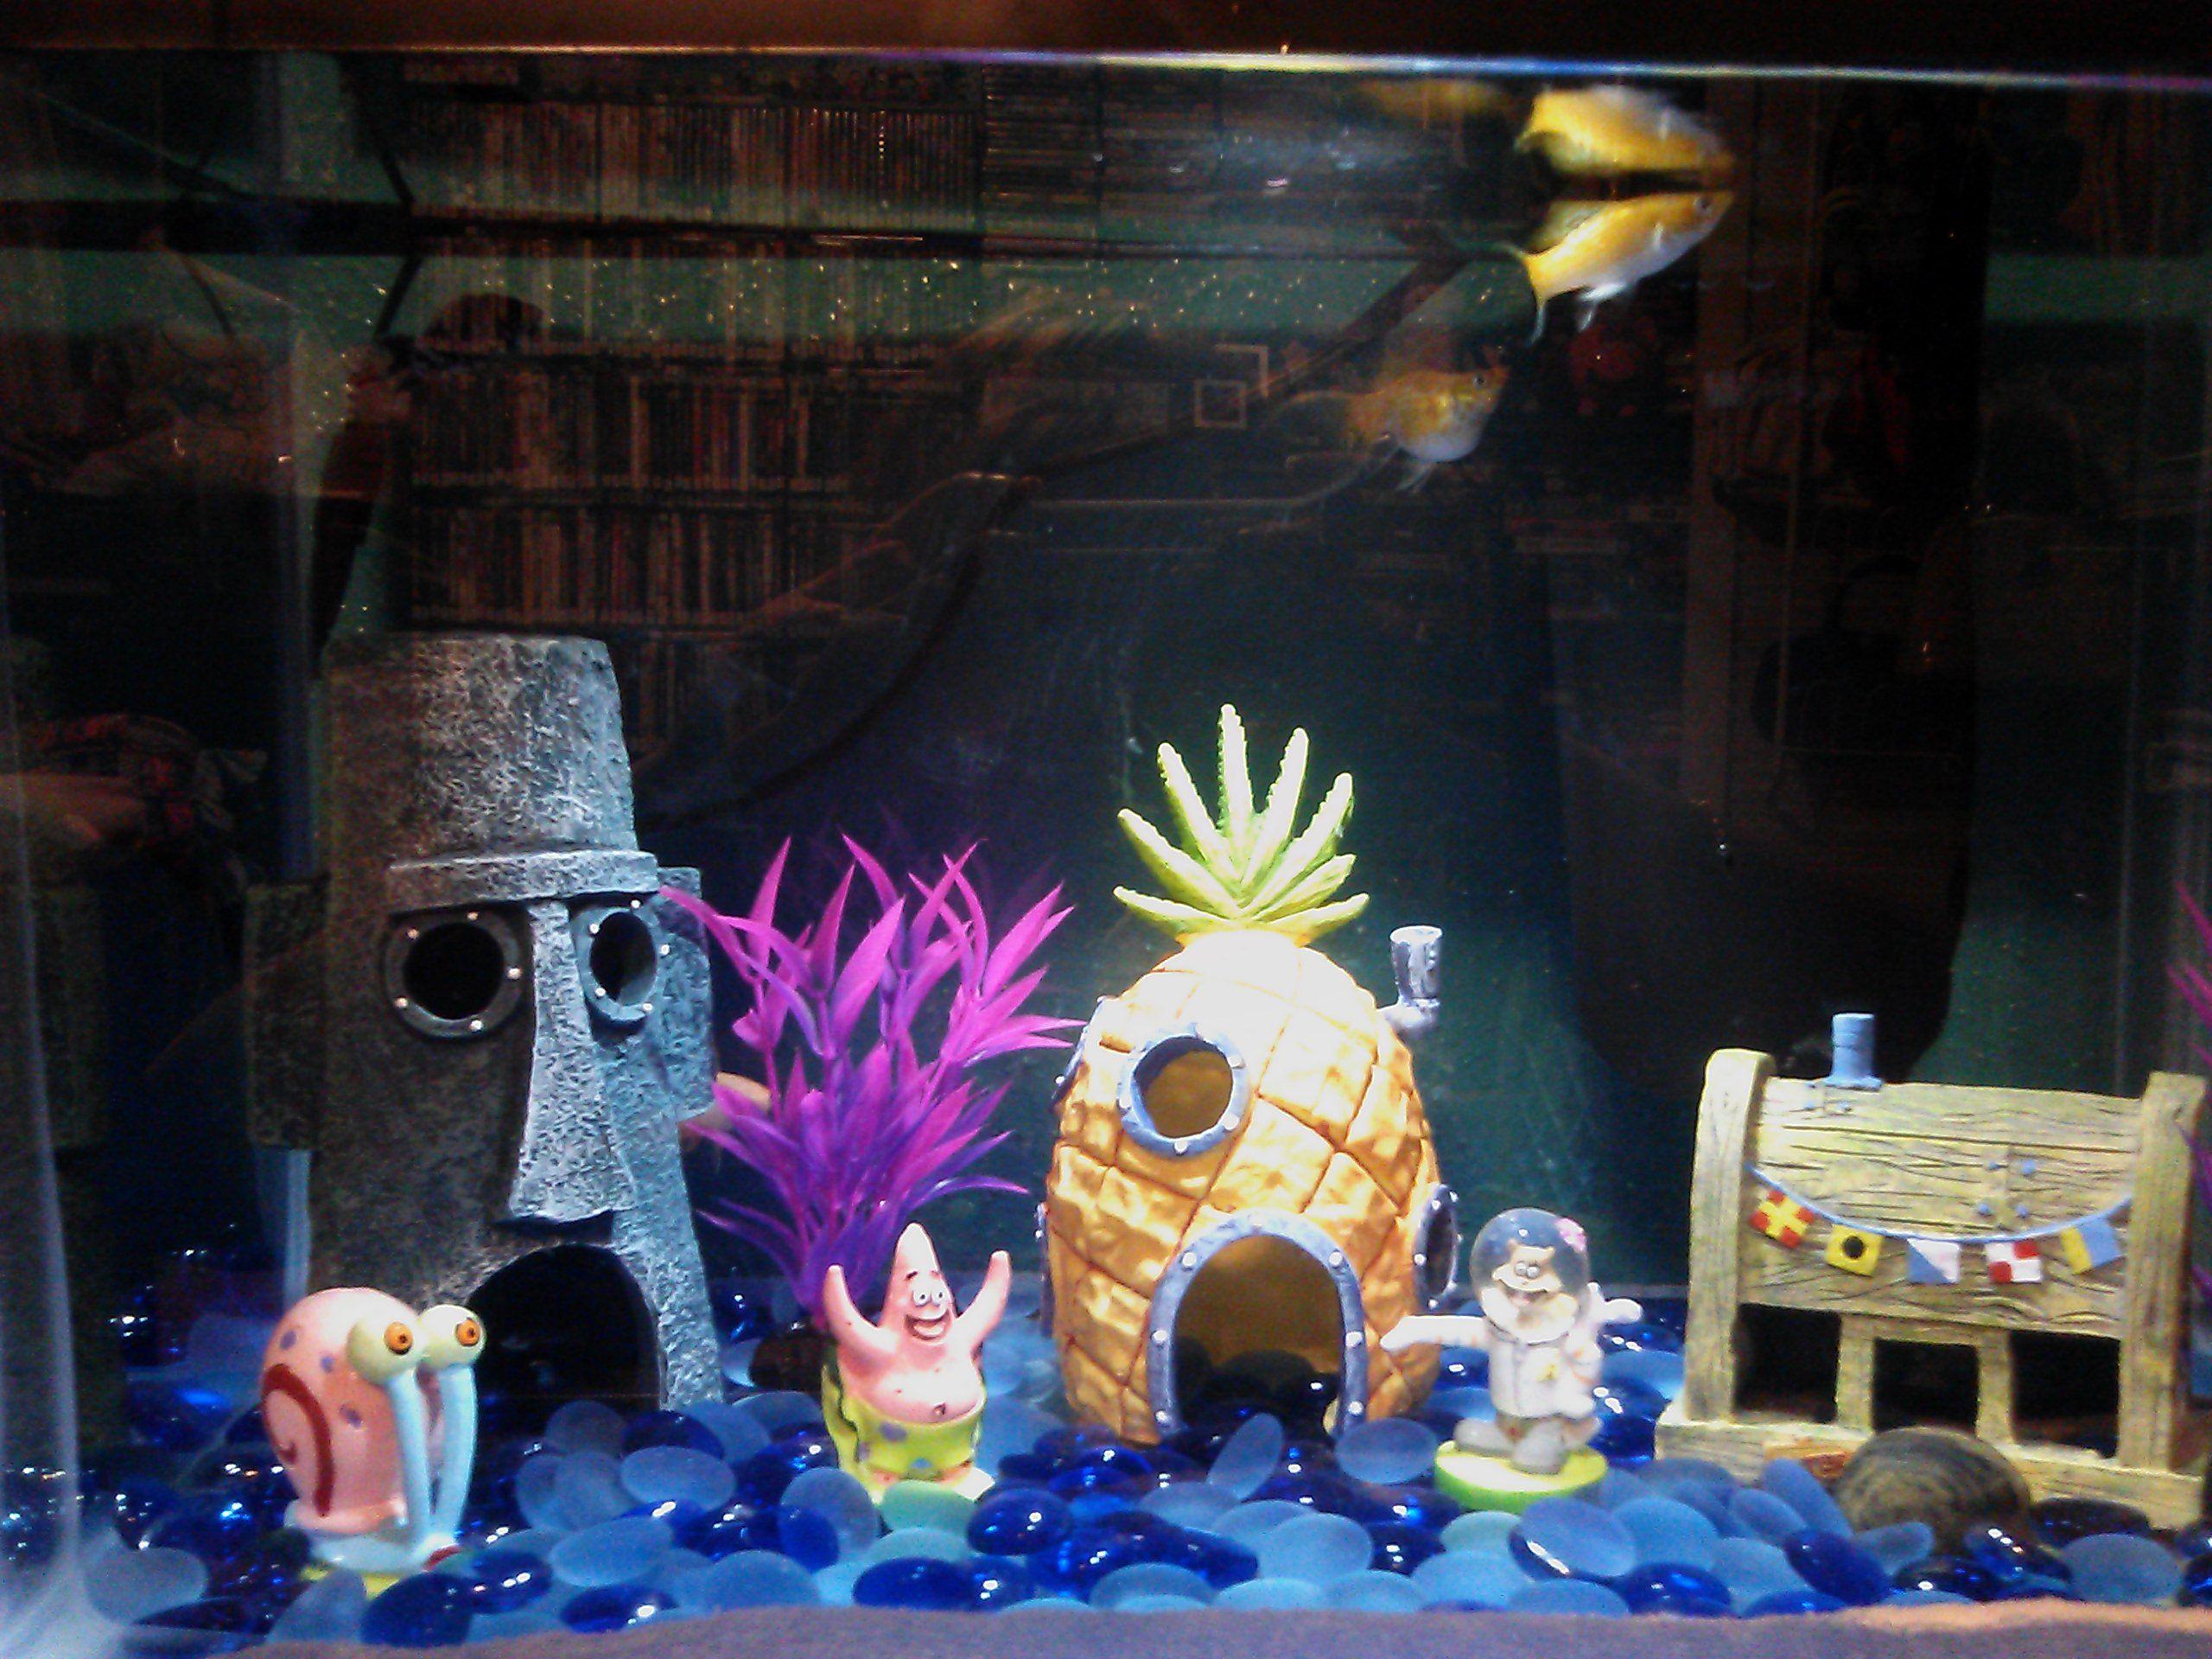 f9a41f28fd377554e0ffe27e72133a70 Frais De Aquarium Rond Conception